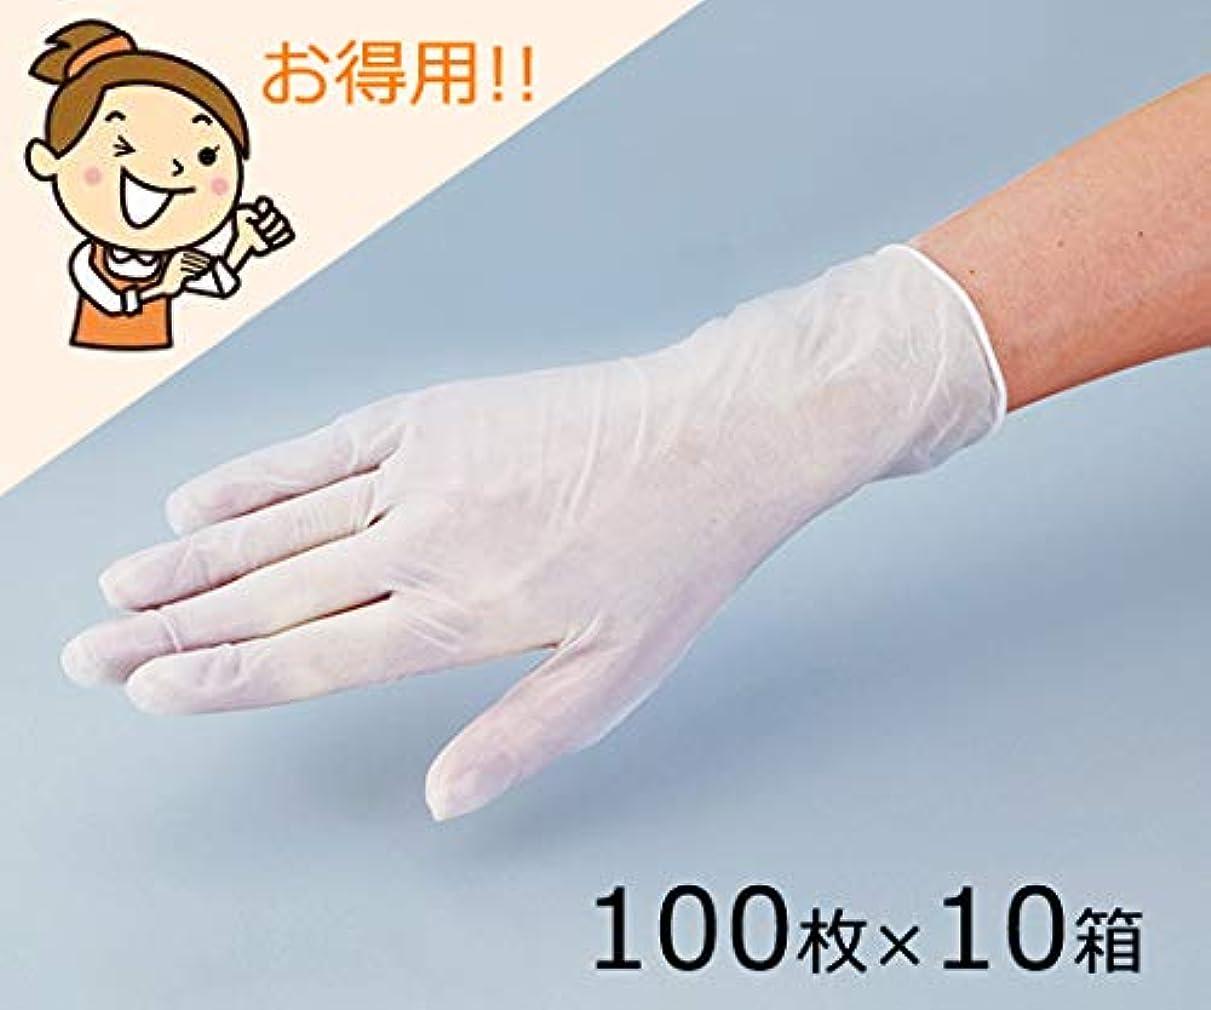 雨読書雪だるまを作るアズワン7-2396-13ケアプラスチック手袋(パウダーフリー)S1ケース(100枚/箱×10箱入)